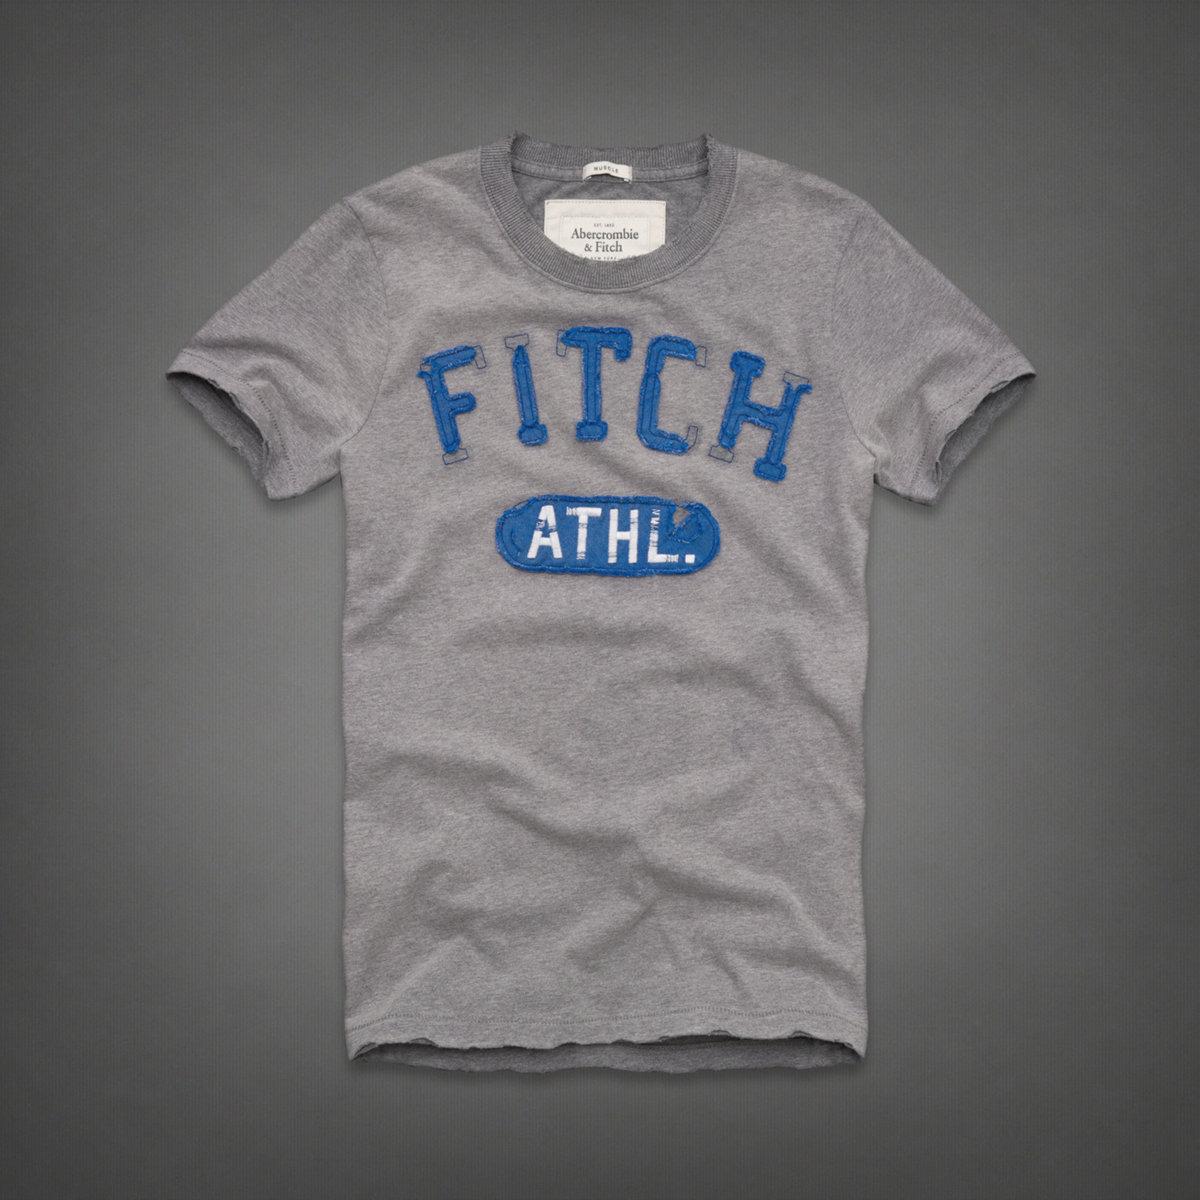 美國百分百【全新真品】Abercrombie & Fitch T恤 AF 短袖 T-shirt 麋鹿 灰 復古 拼布 文字 男 S M號